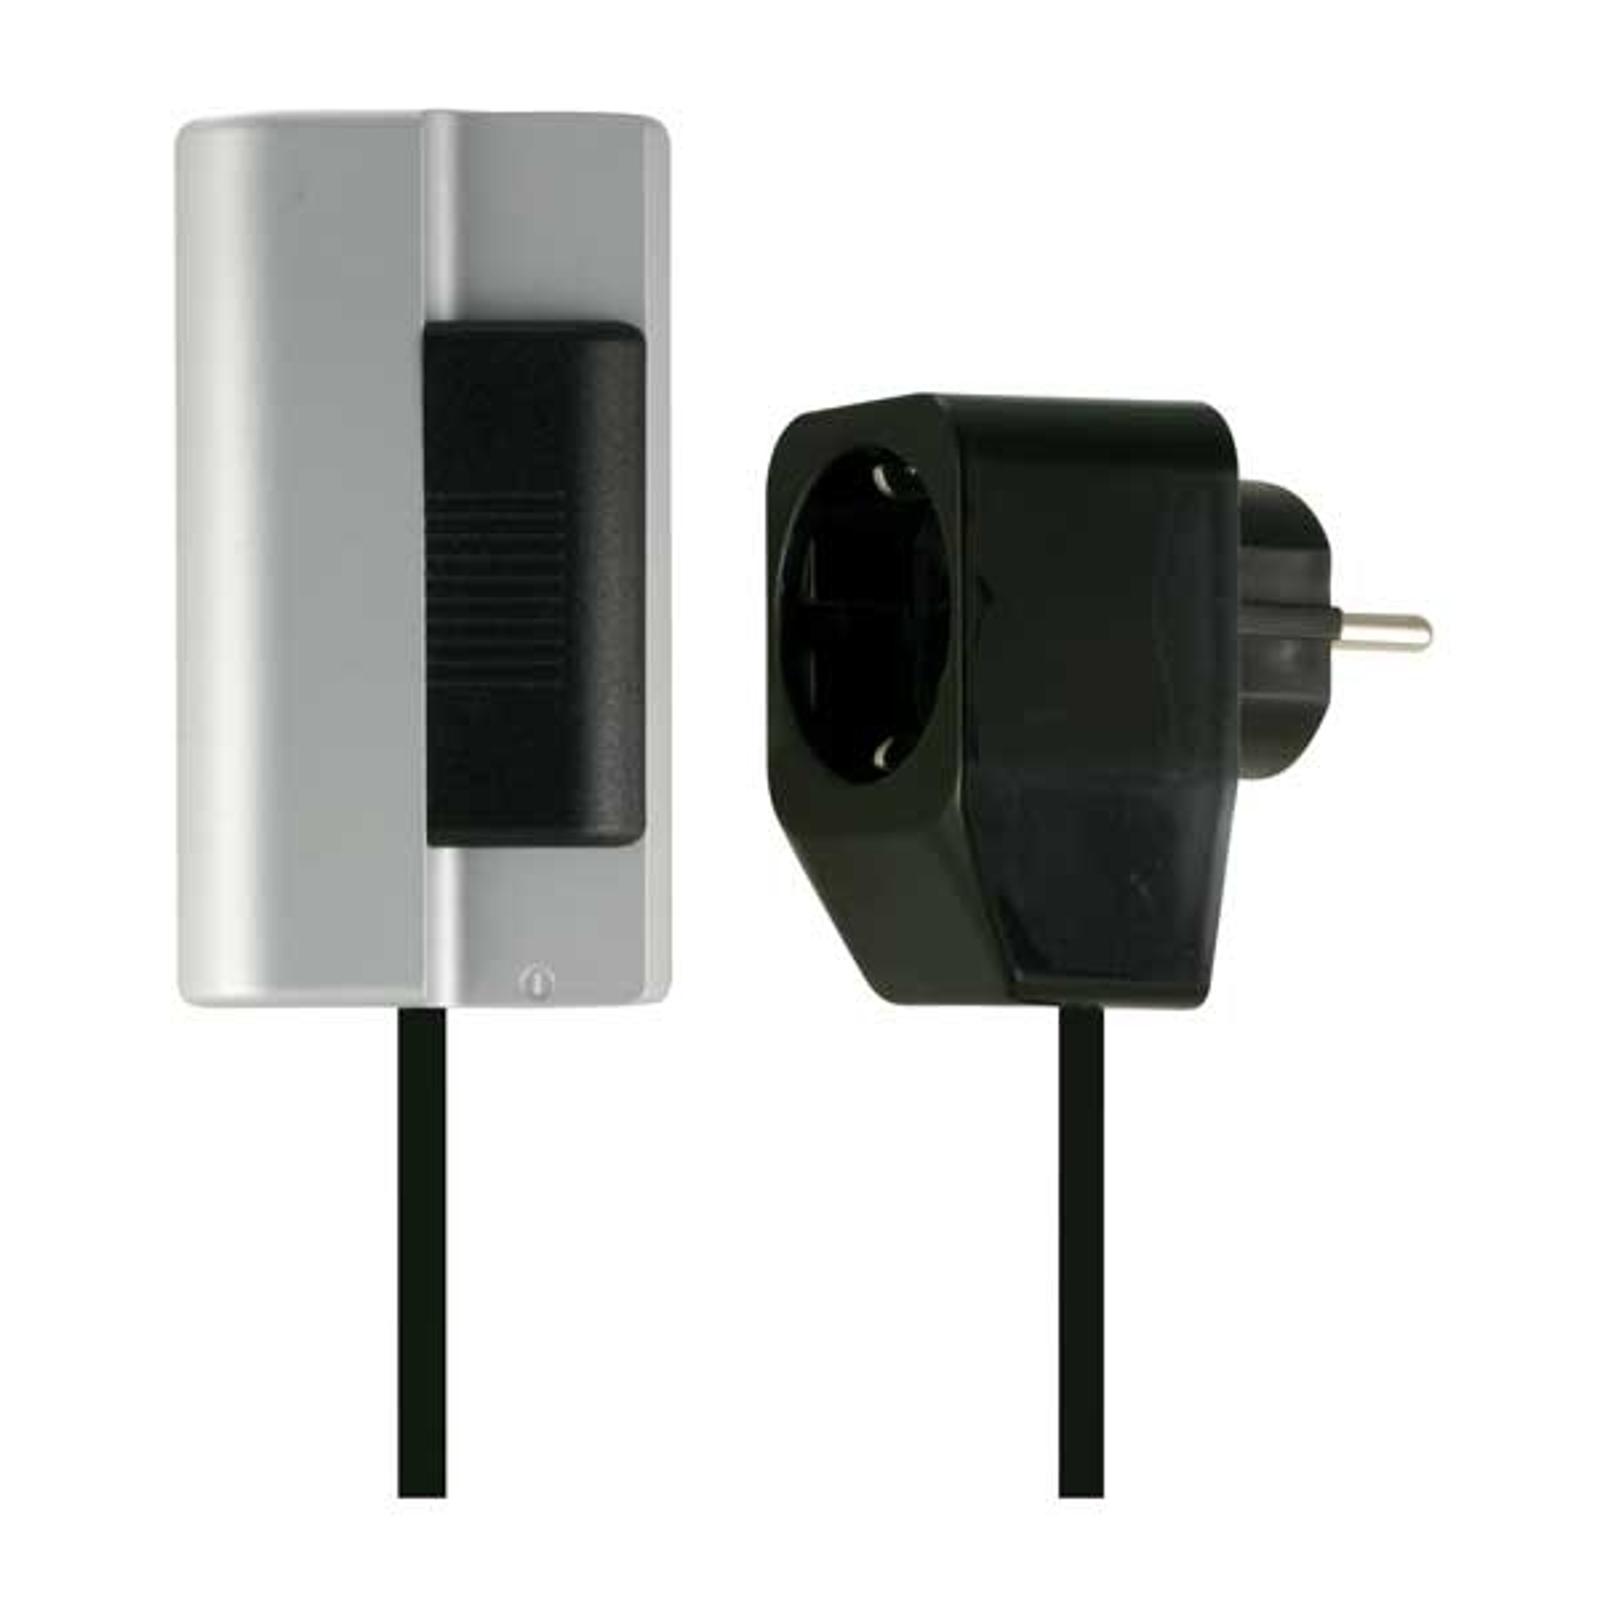 Kvalitets ledningsdimmer svart 500W